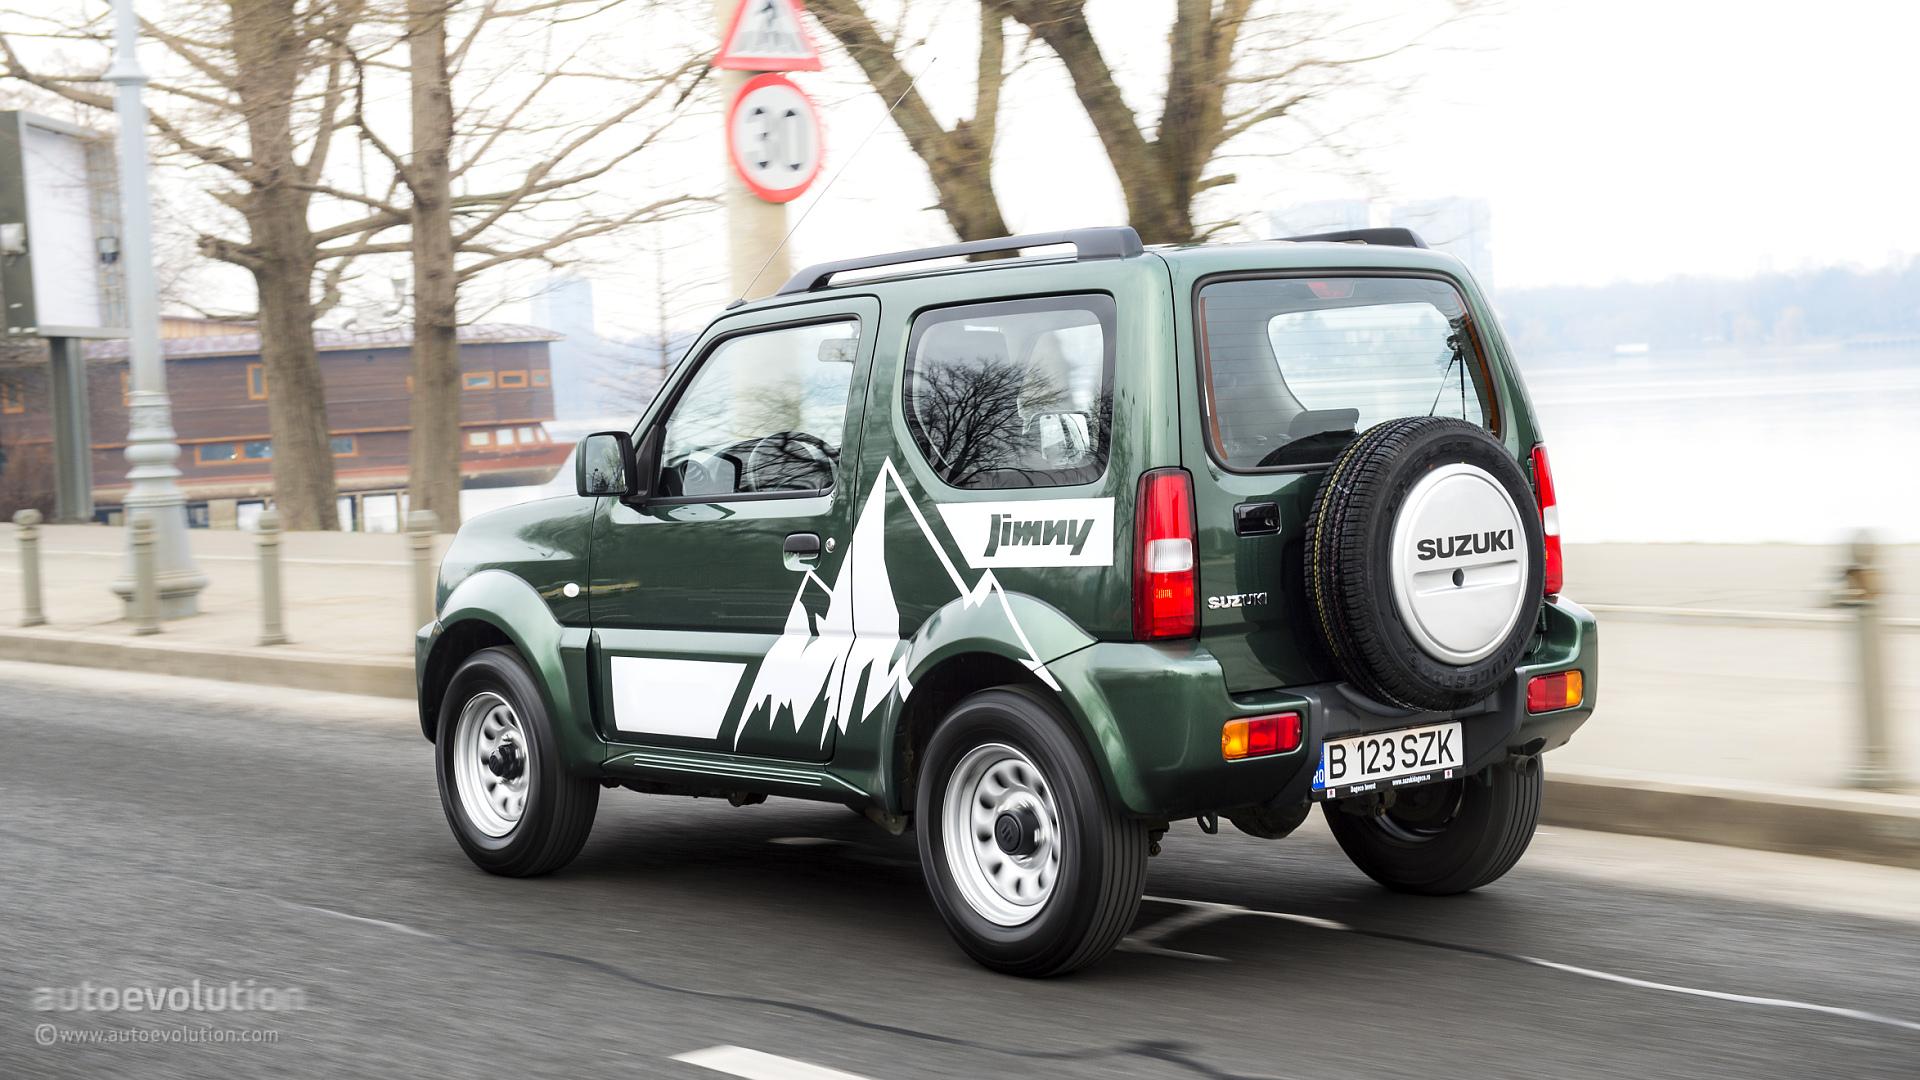 Suzuki Jimny Tested Mountain Goat Autoevolution